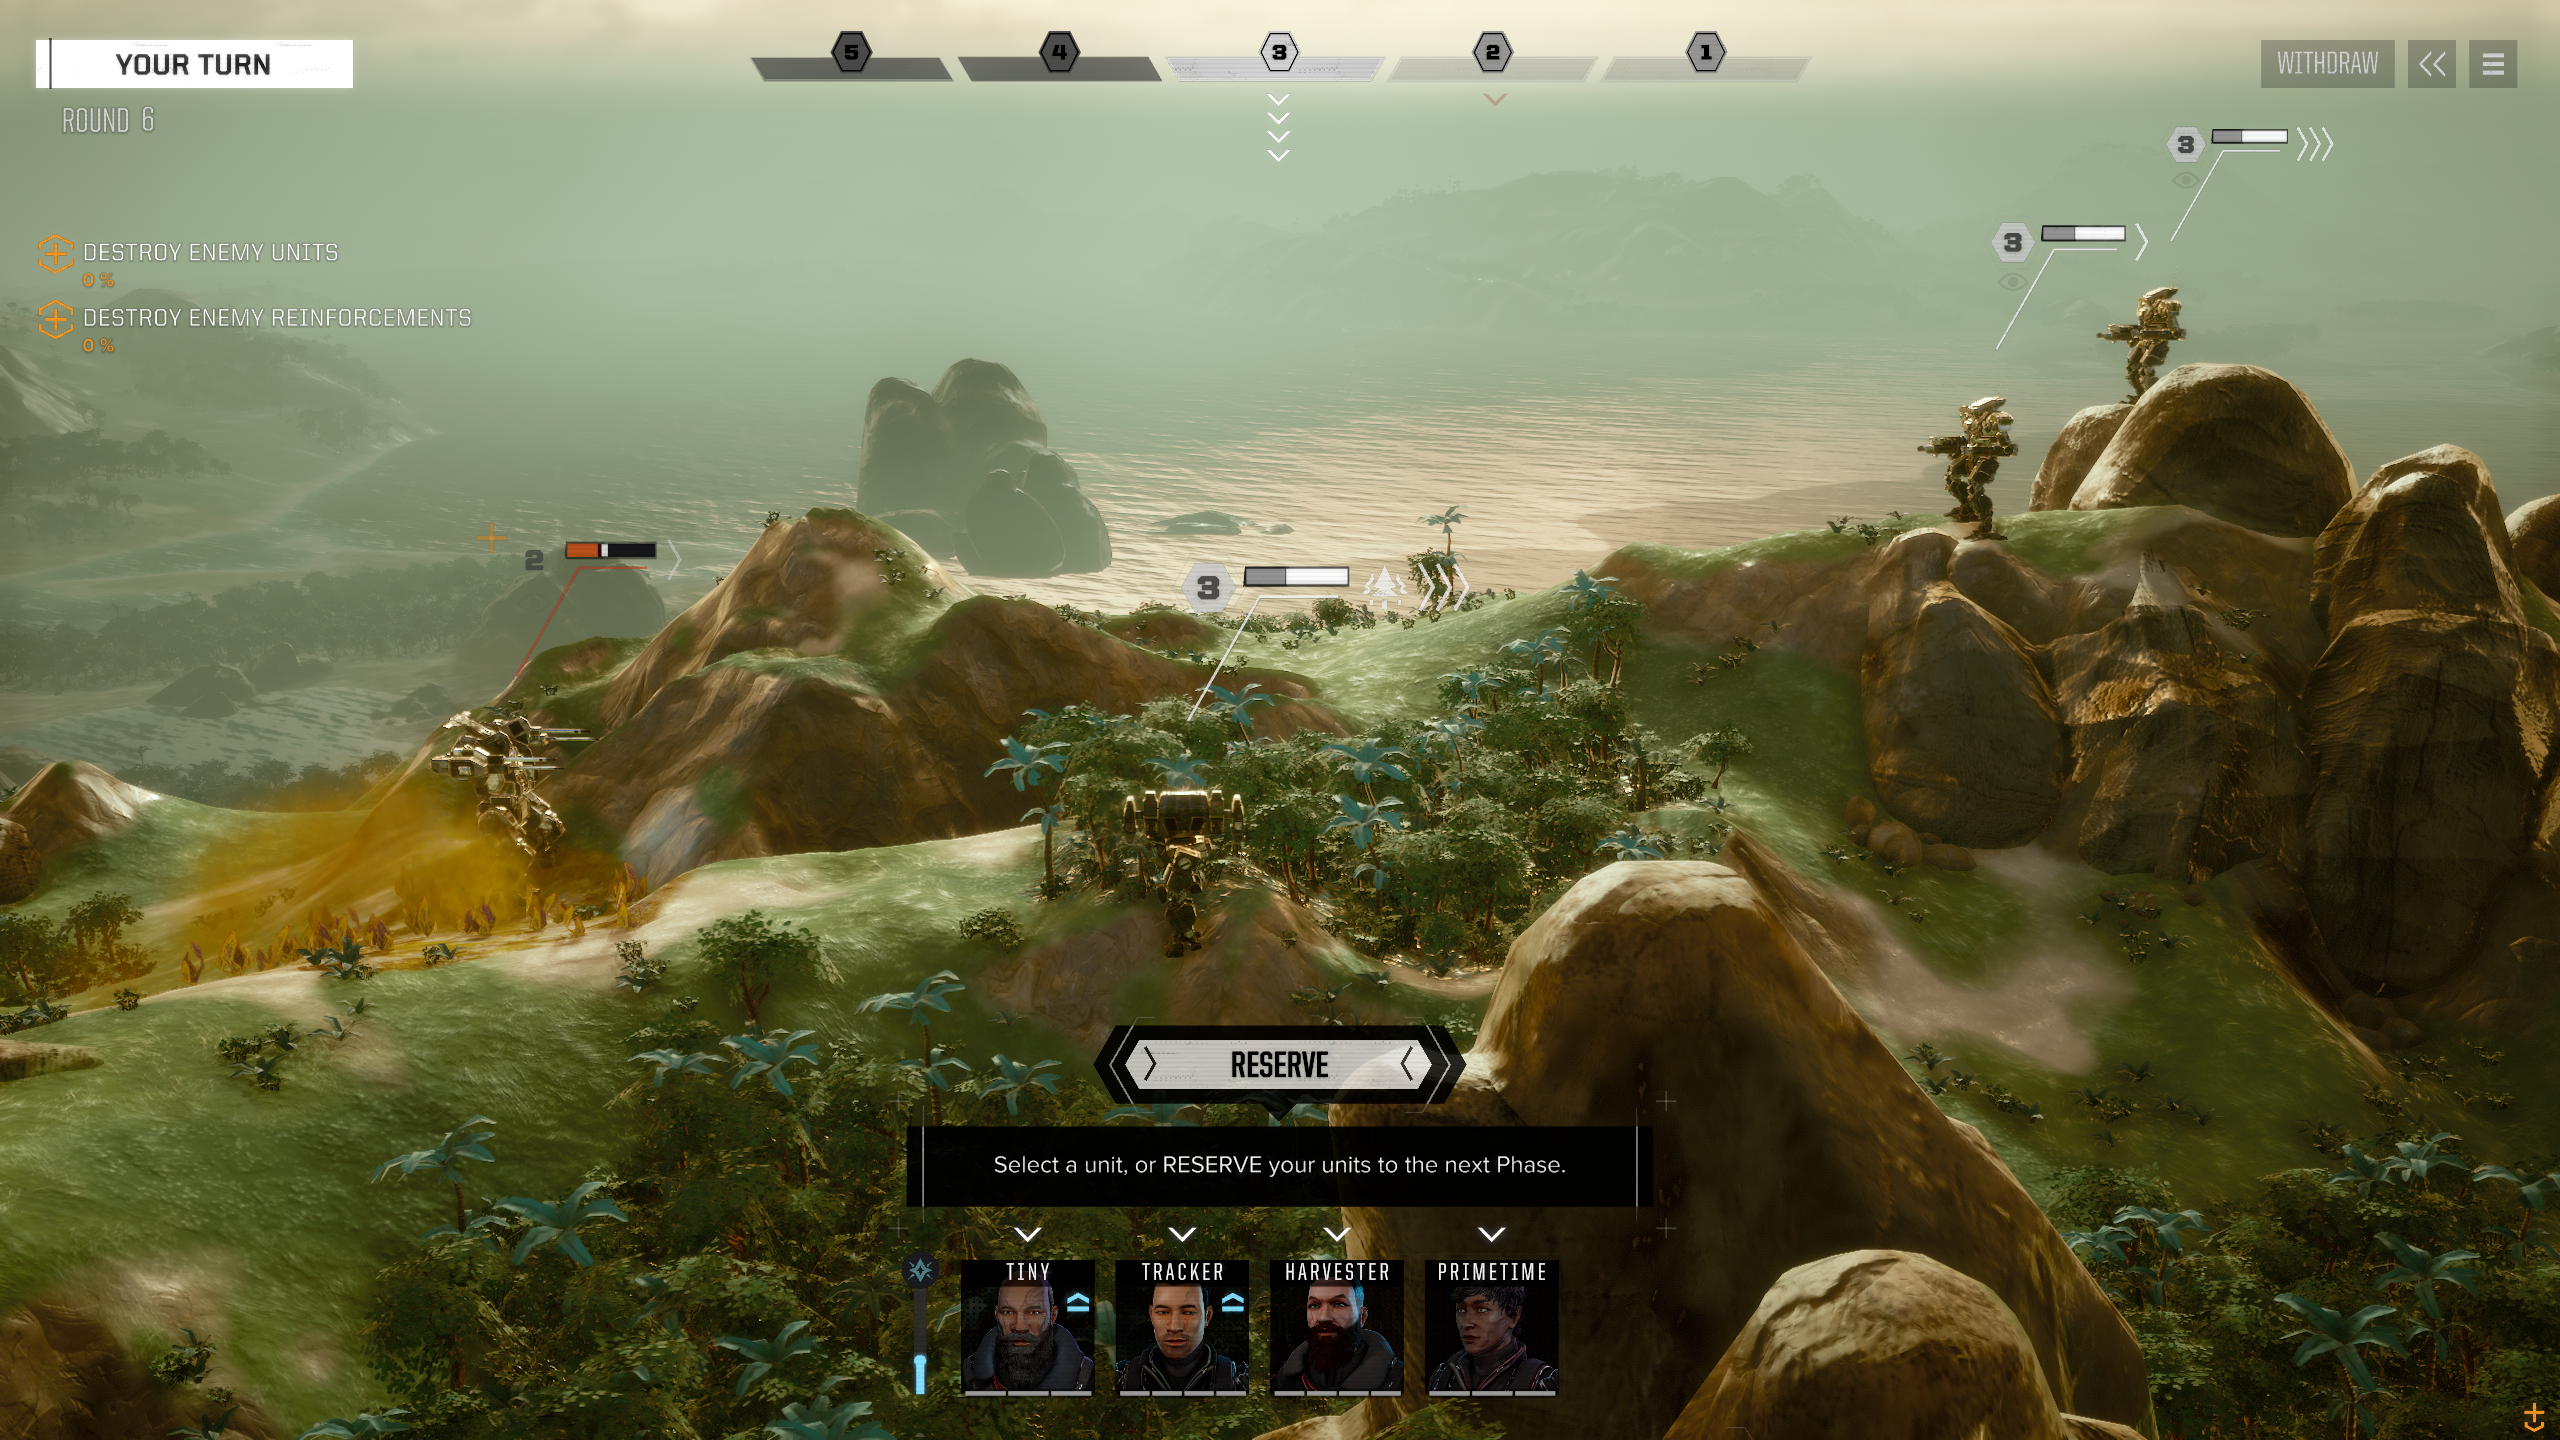 A group of combat BattleMechs do battle atop a beautiful tropical mountain ridge overlooking an overcast ocean at sunset.,